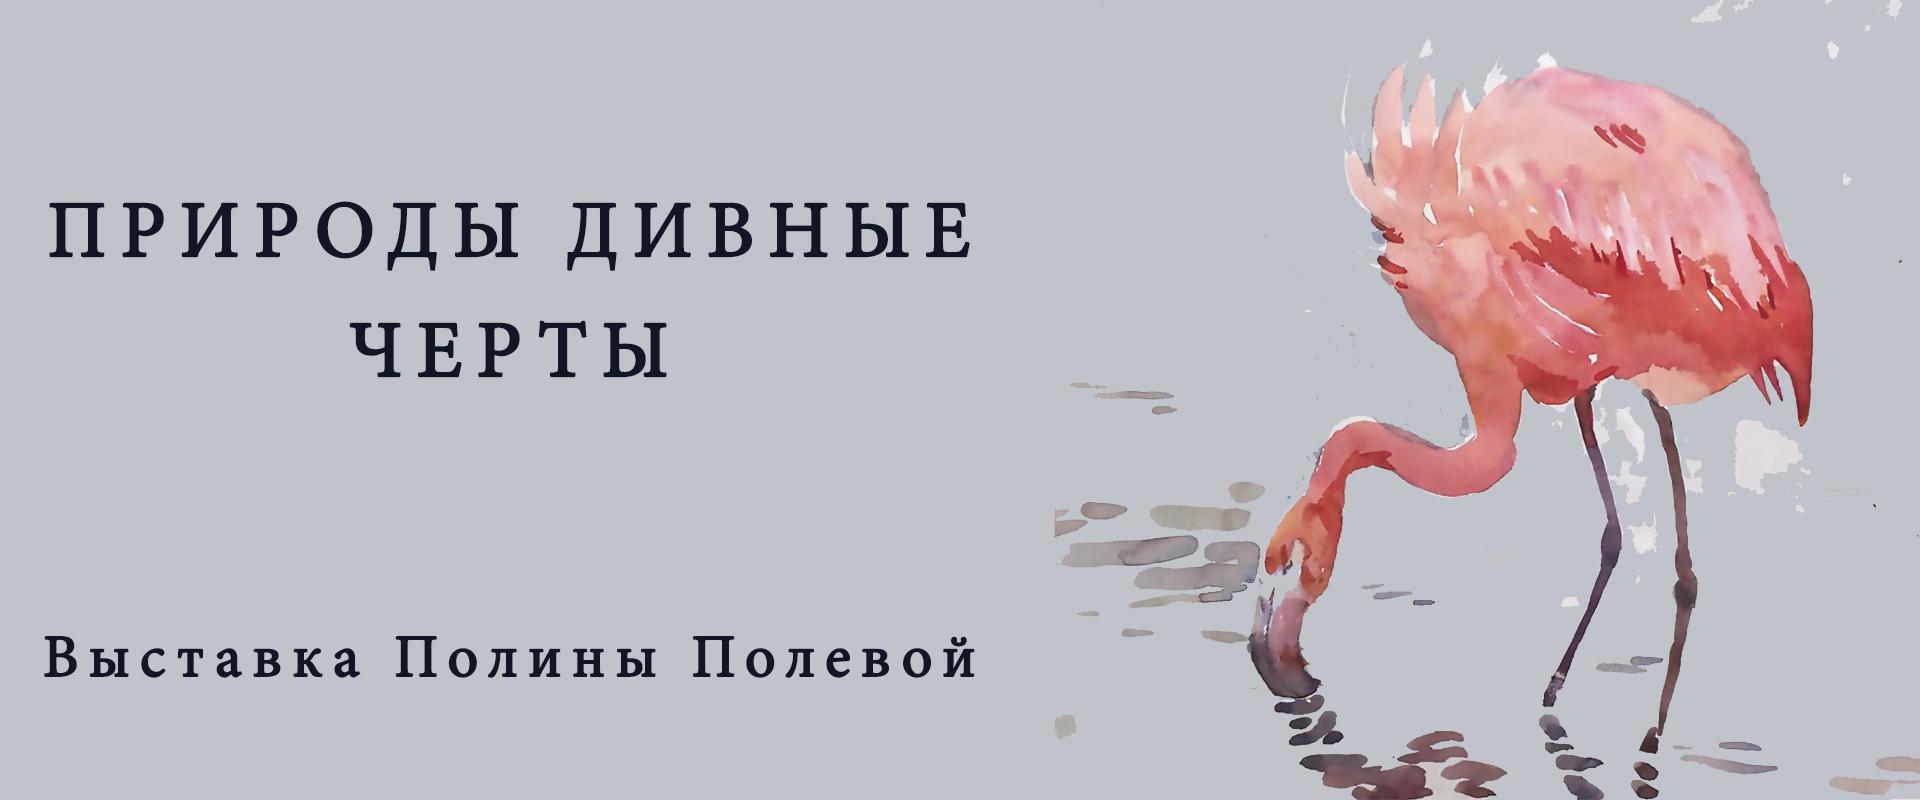 Выставка Полины Полевой«Природы дивные черты…»